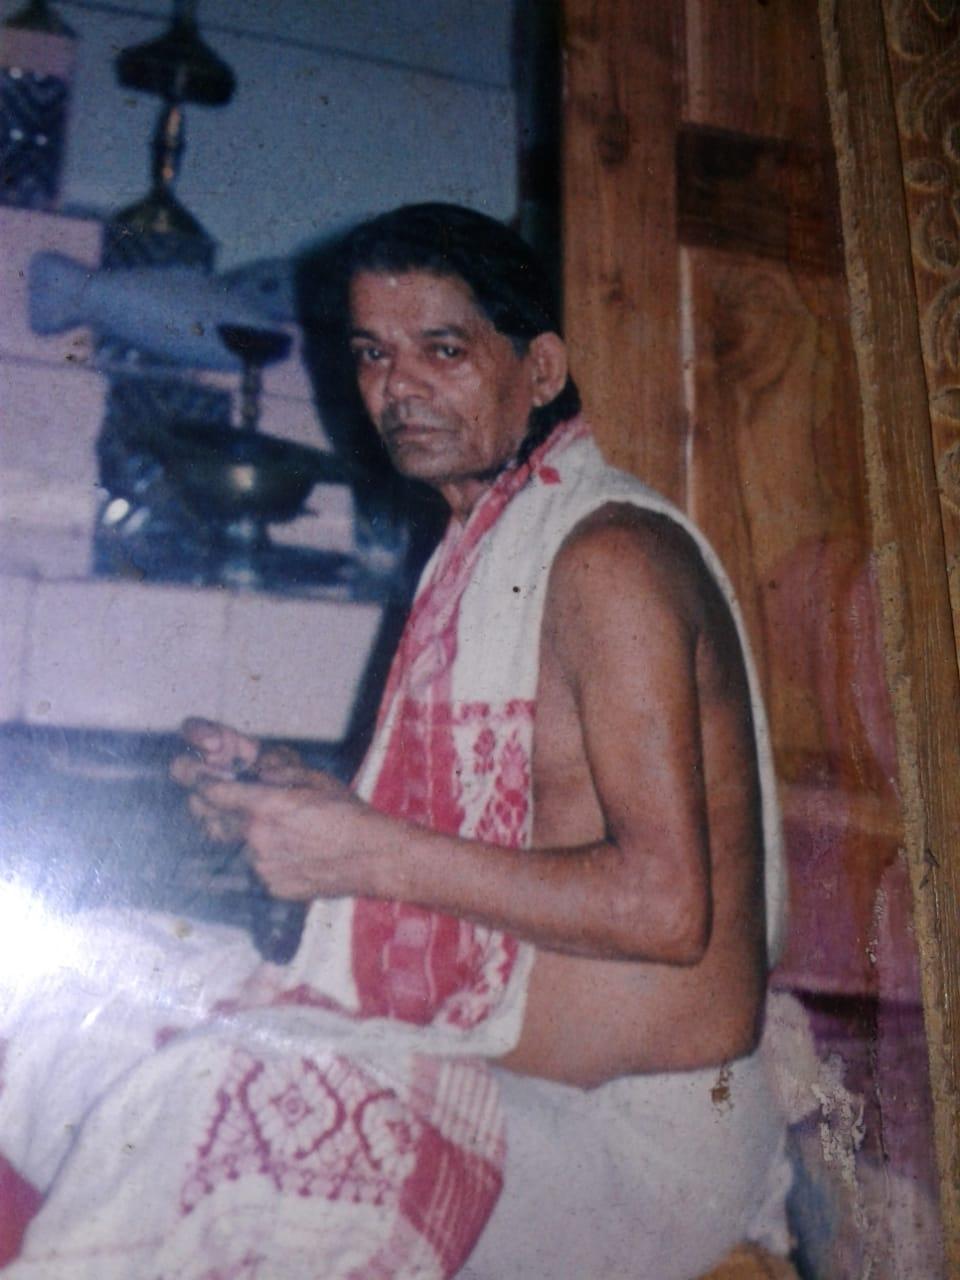 গুৰুজনাৰ একান্ত সেৱক, নামলগোৱা, সূত্ৰধাৰ কিৰণ কলিতাৰ বিয়োগ